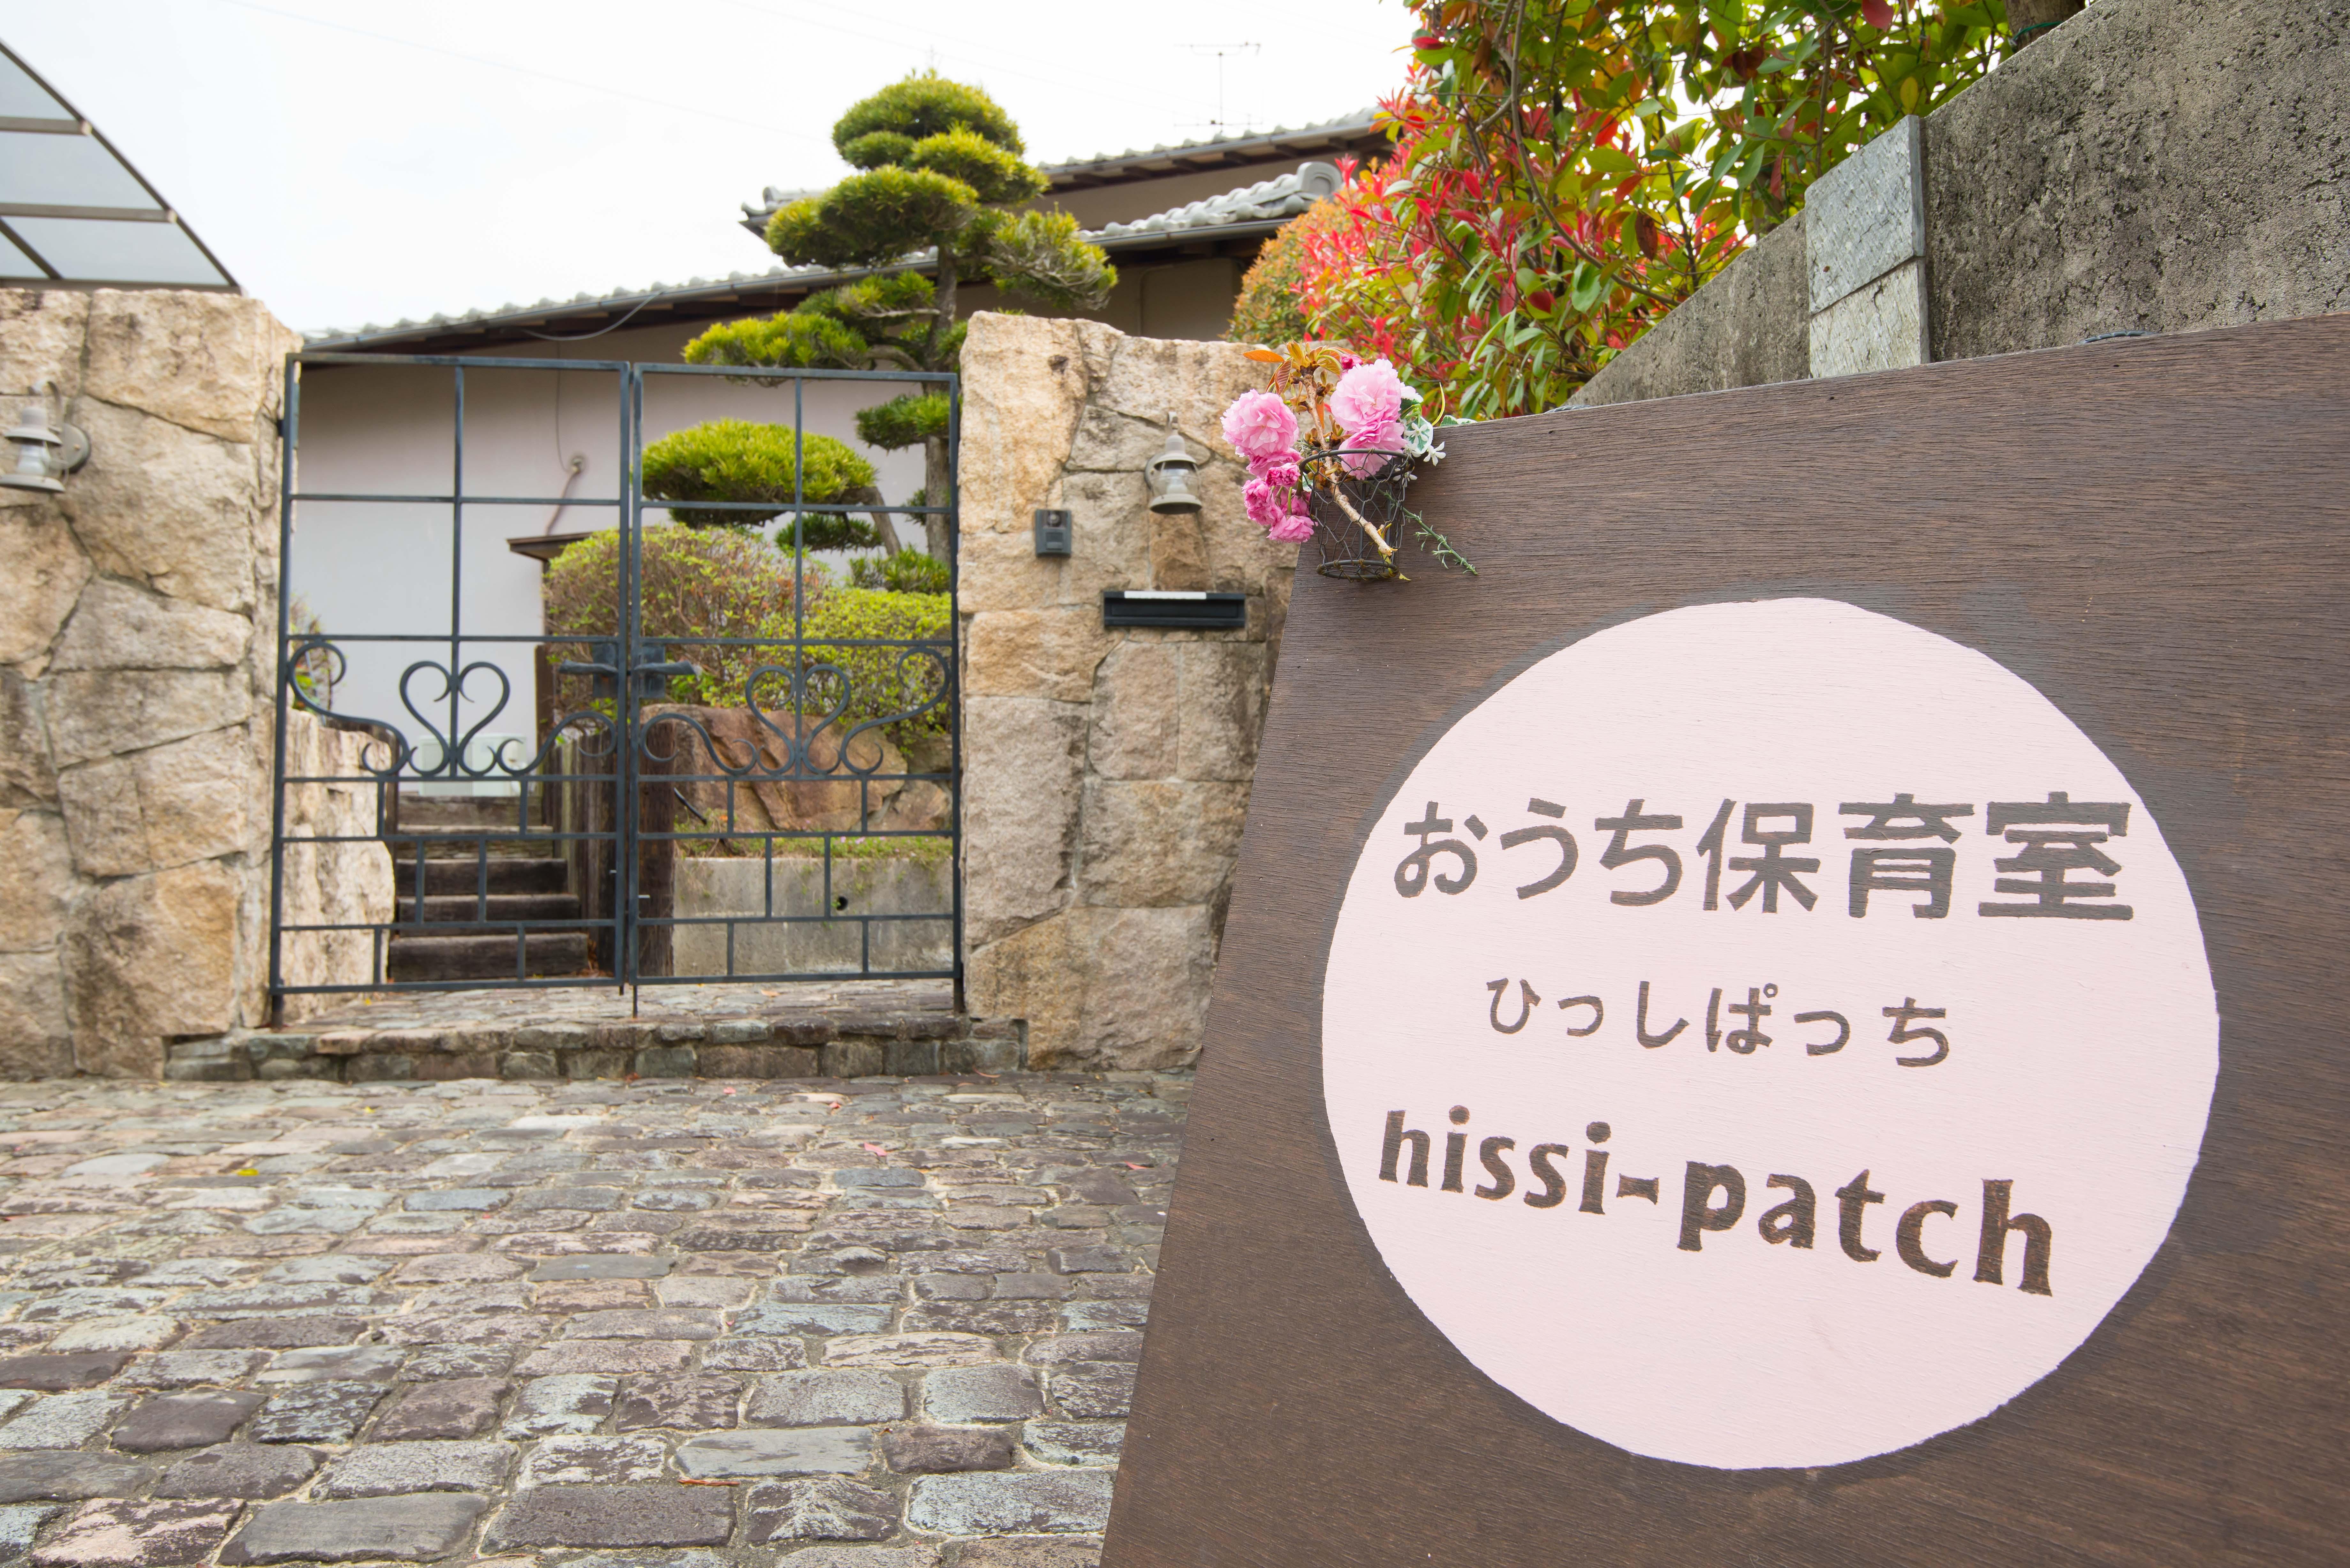 SoMe(わたしらしい)おうち保育室hissi-patch(ひっしぱっち)